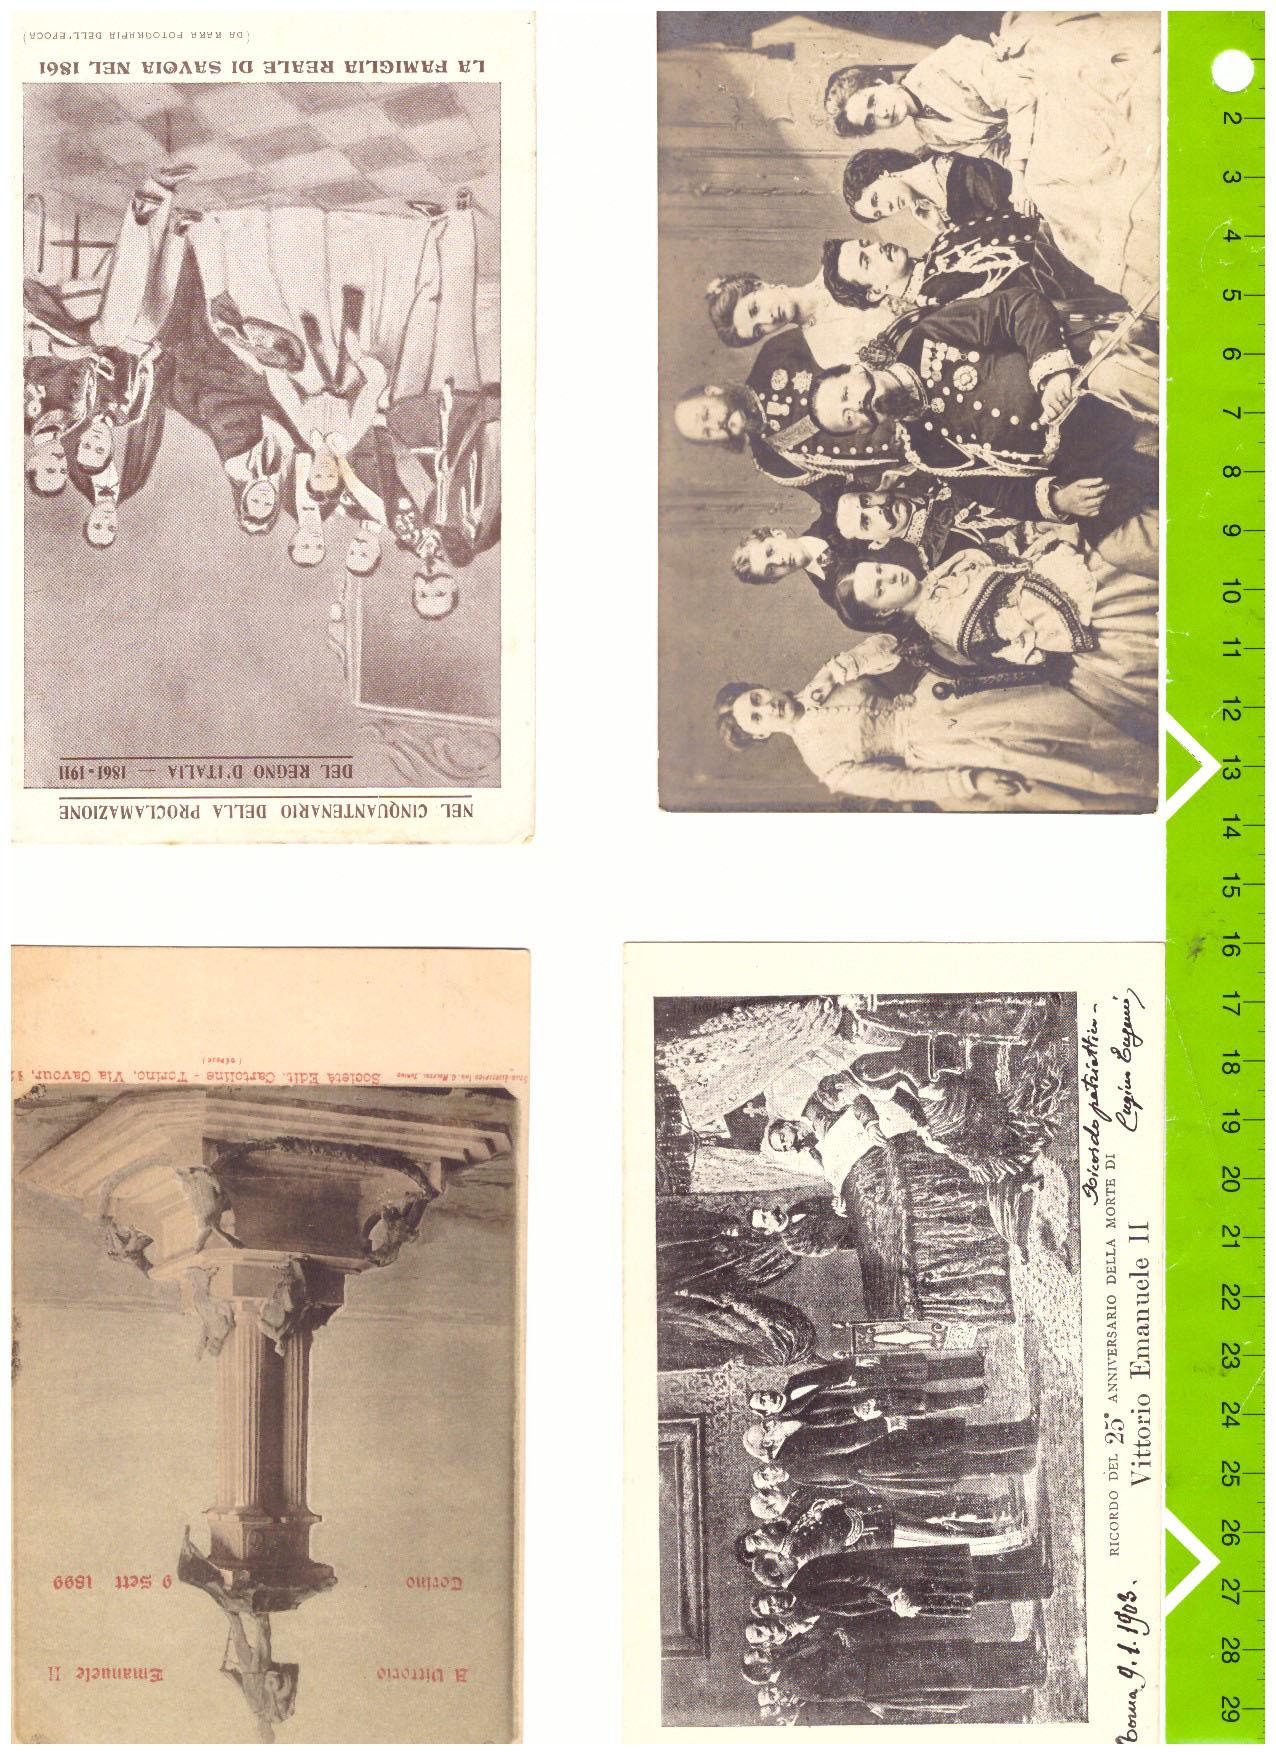 LOTTO N.3 - PUBBLICAZIONI A STAMPA